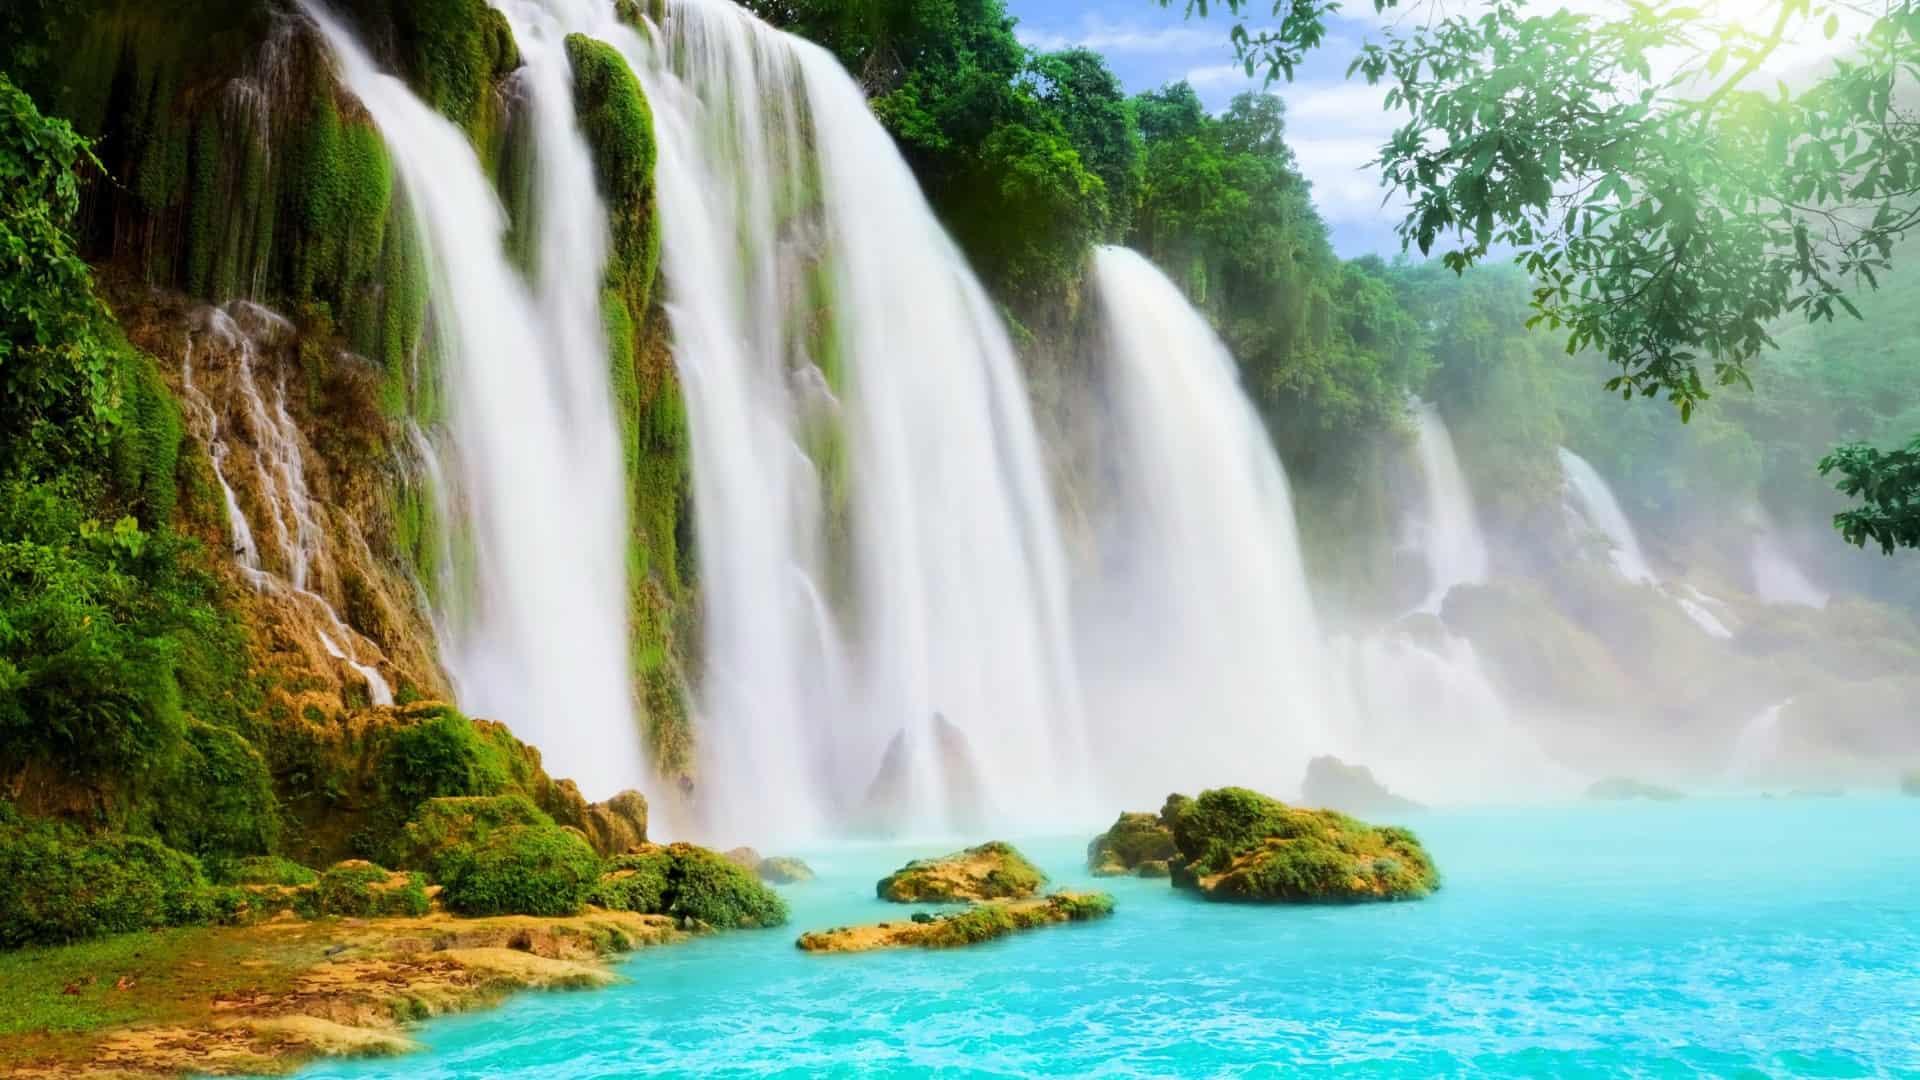 Ảnh chụp một thác nước nhỏ ở huyện Krông Năng. (Ảnh ST)